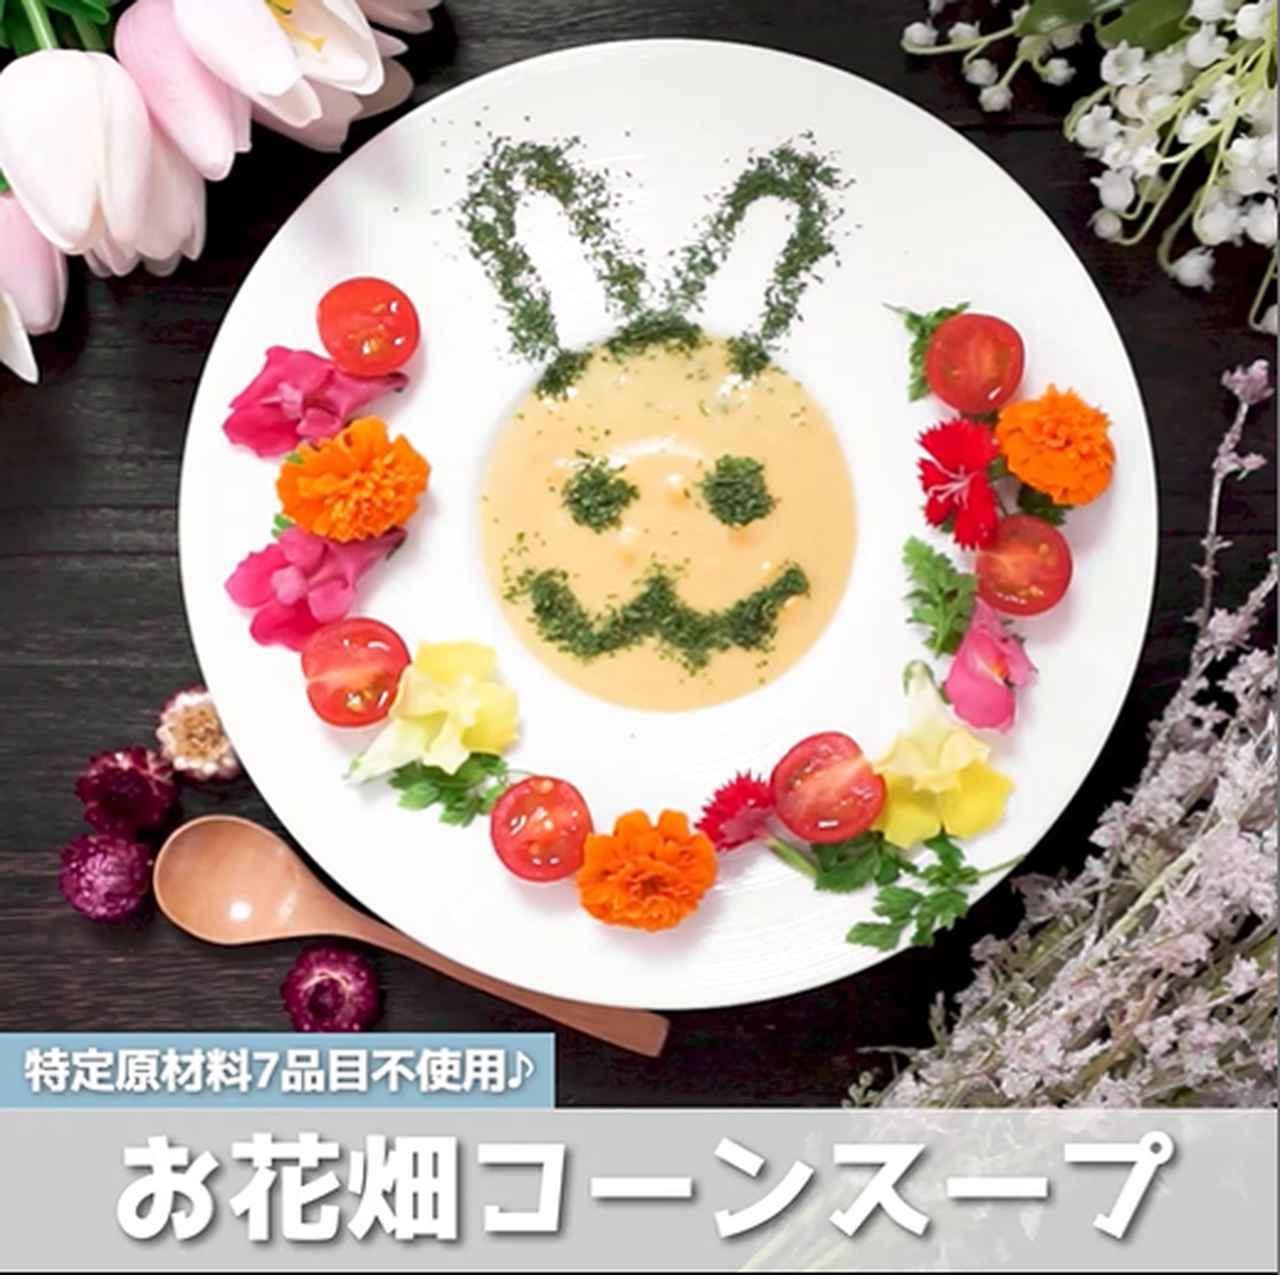 画像: 朝ごはんにも、おもてなしにもお花畑コーンスープ - 君とごはん